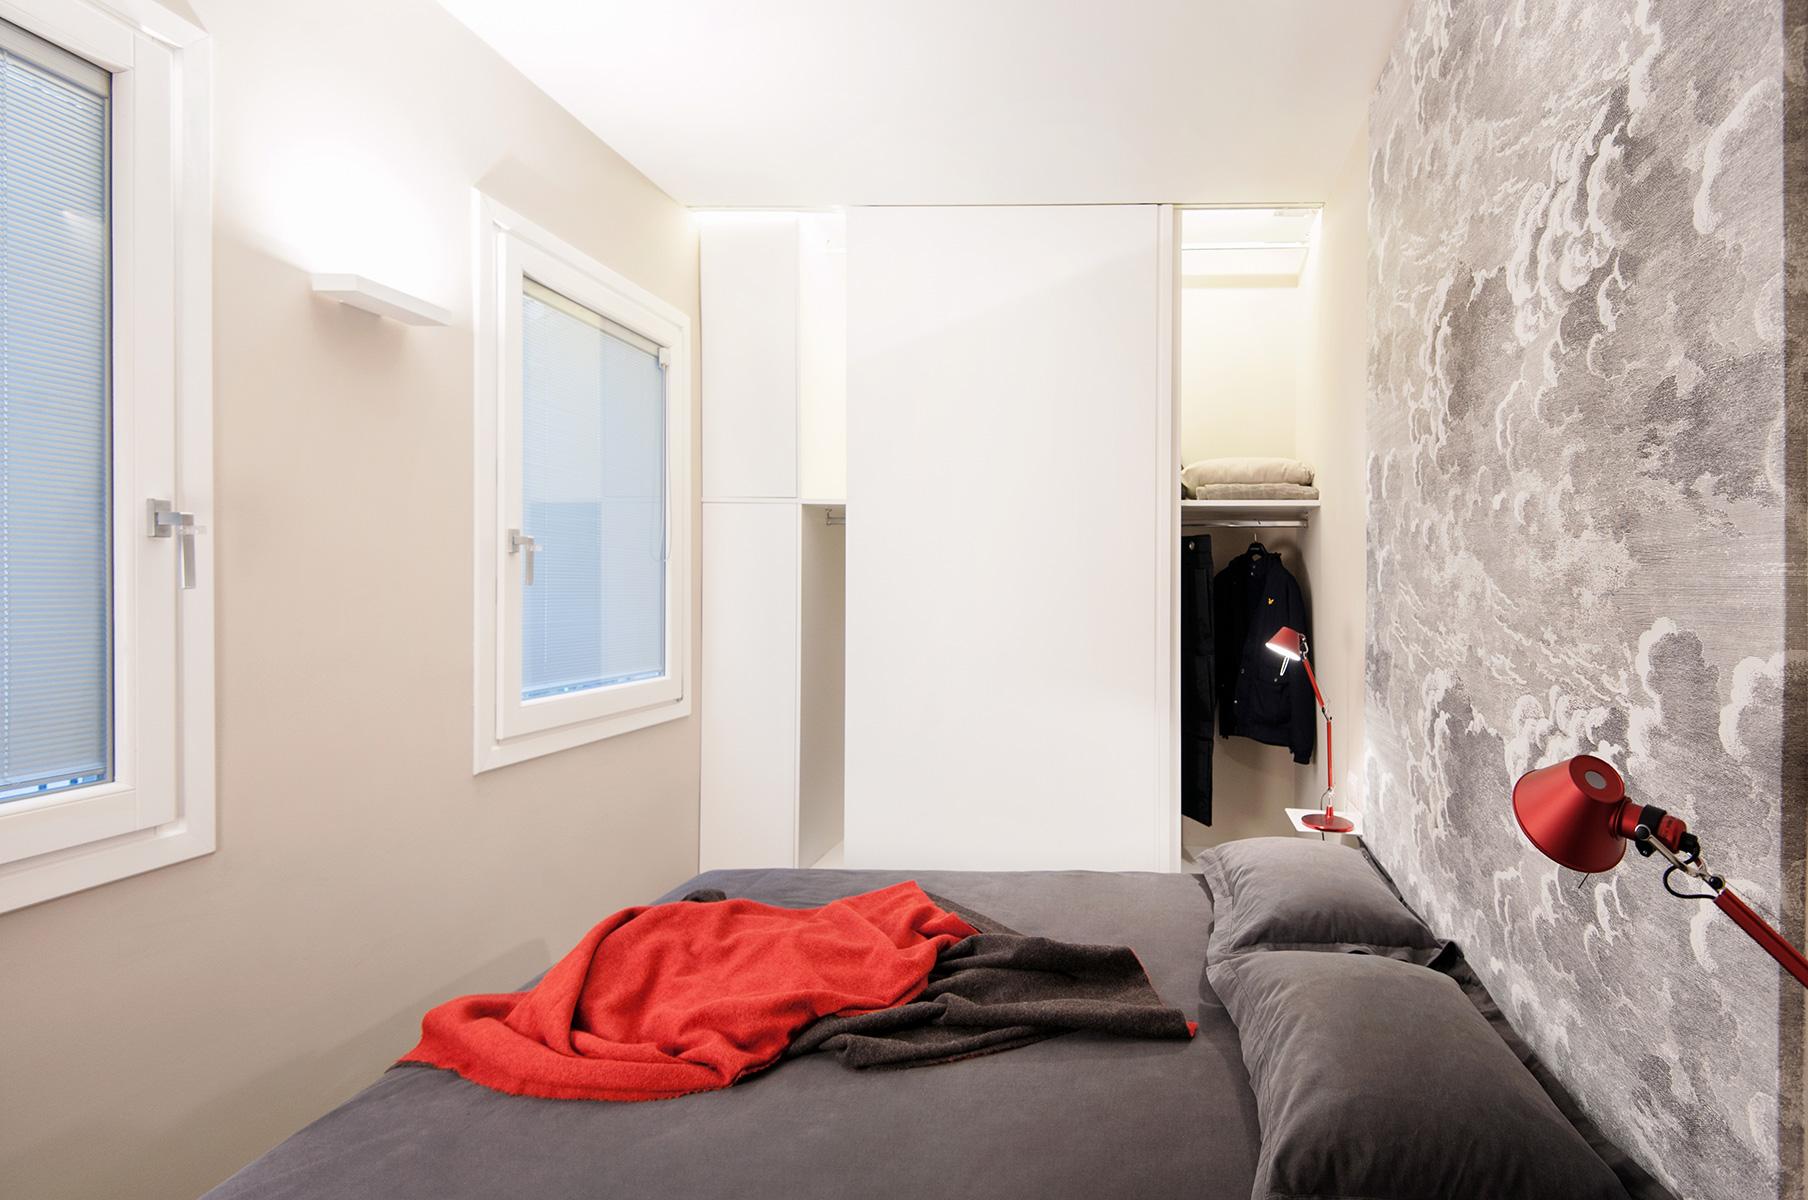 Lozzi realizza per il progetto residenzialedell'Architetto Anna Elisa Lugini